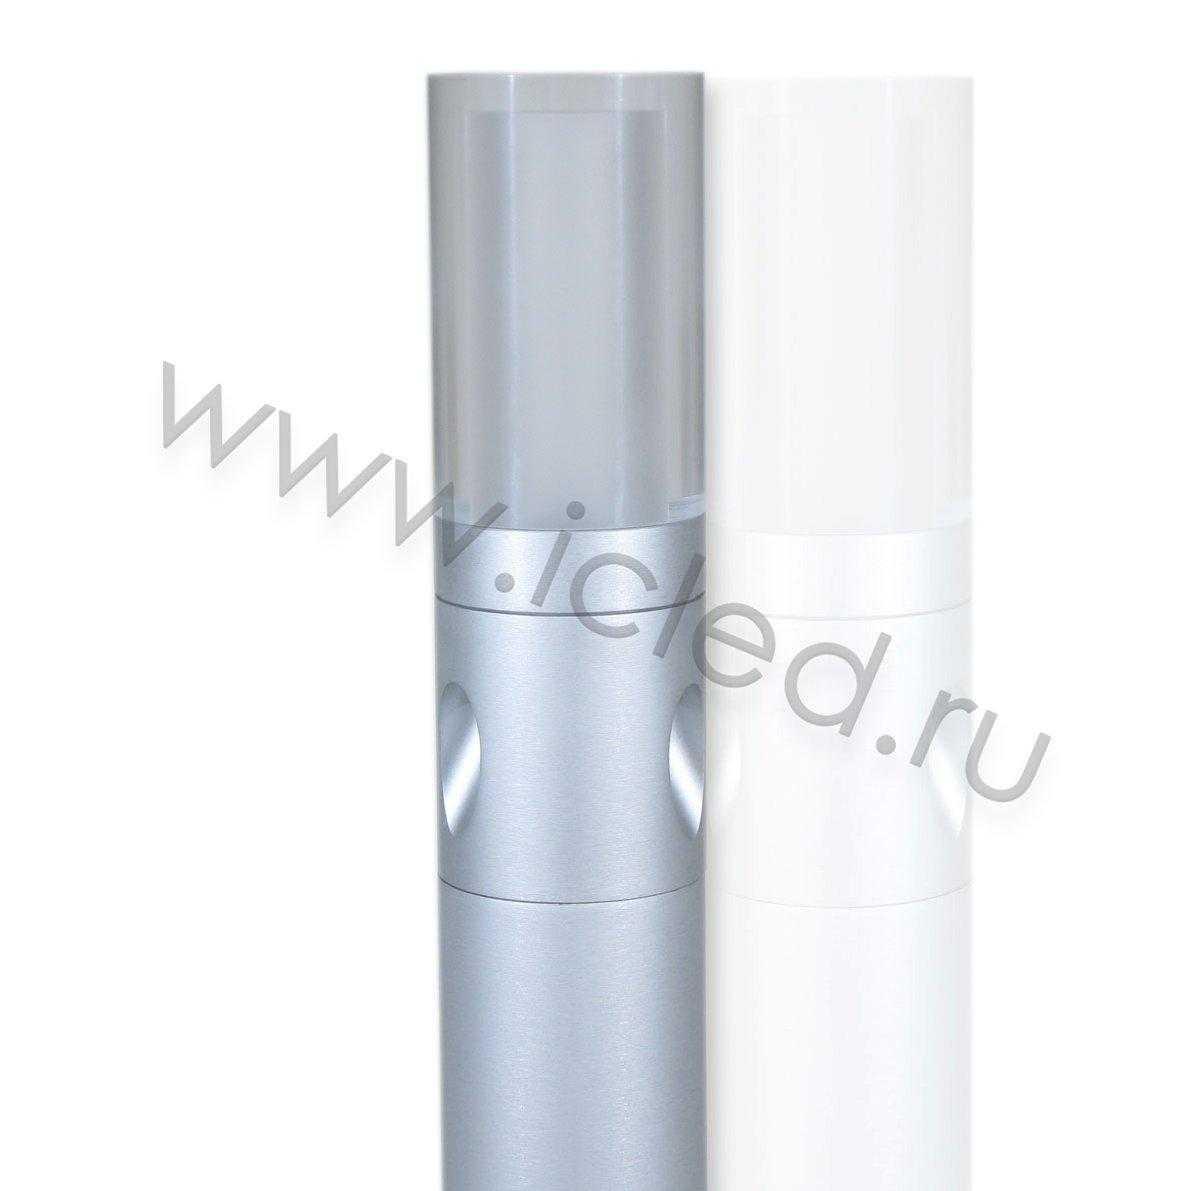 Светодиодный светильник столбик UCR7802D-500 TA, Warm White